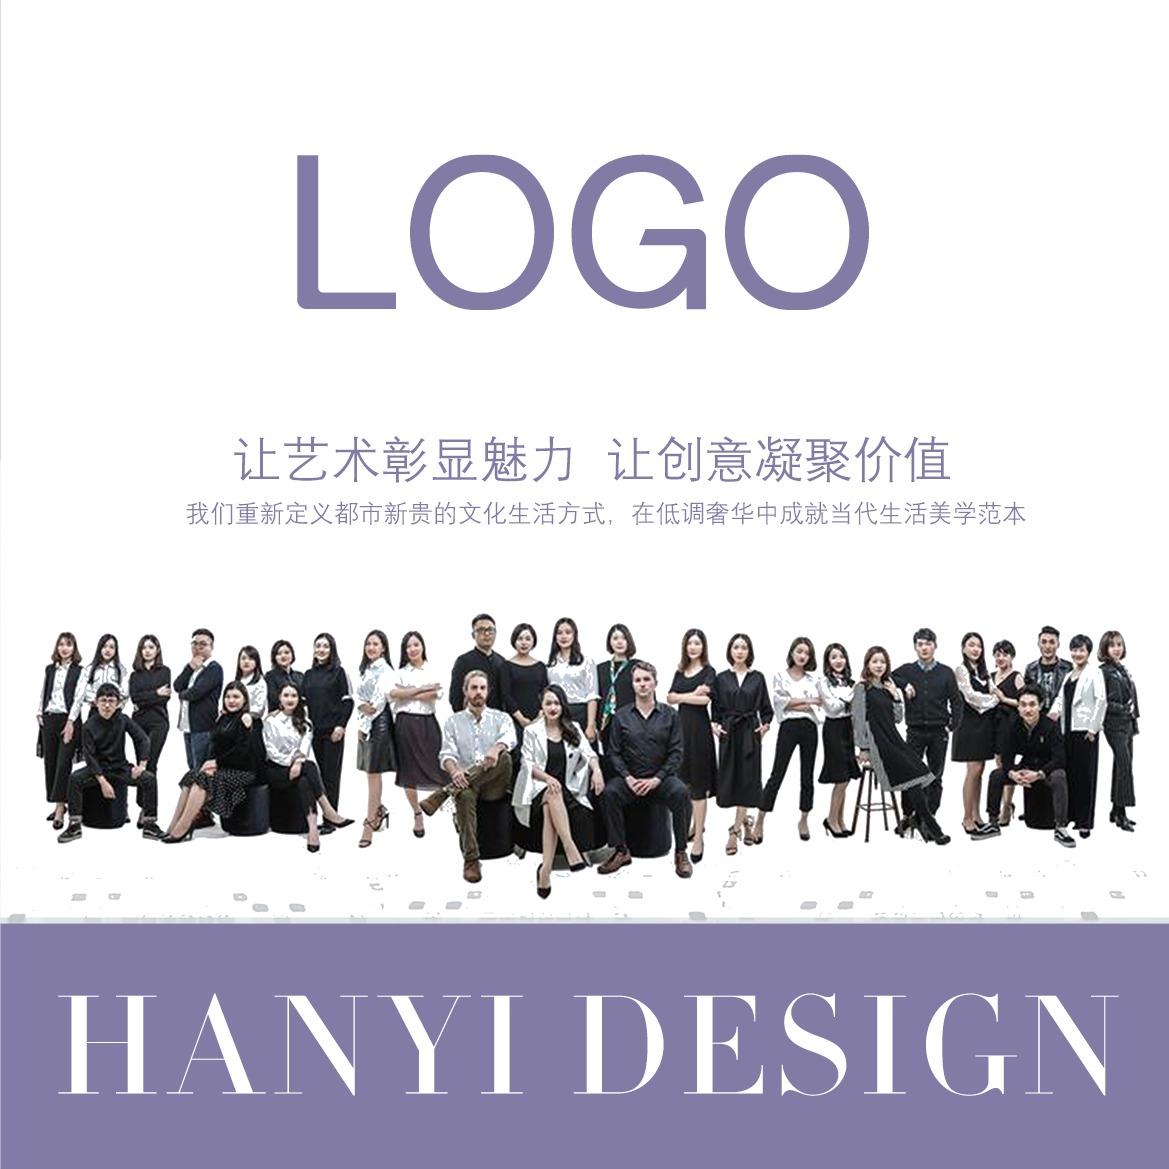 【品牌设计-首席版】公司企业标志logo产品商标高端定制设计